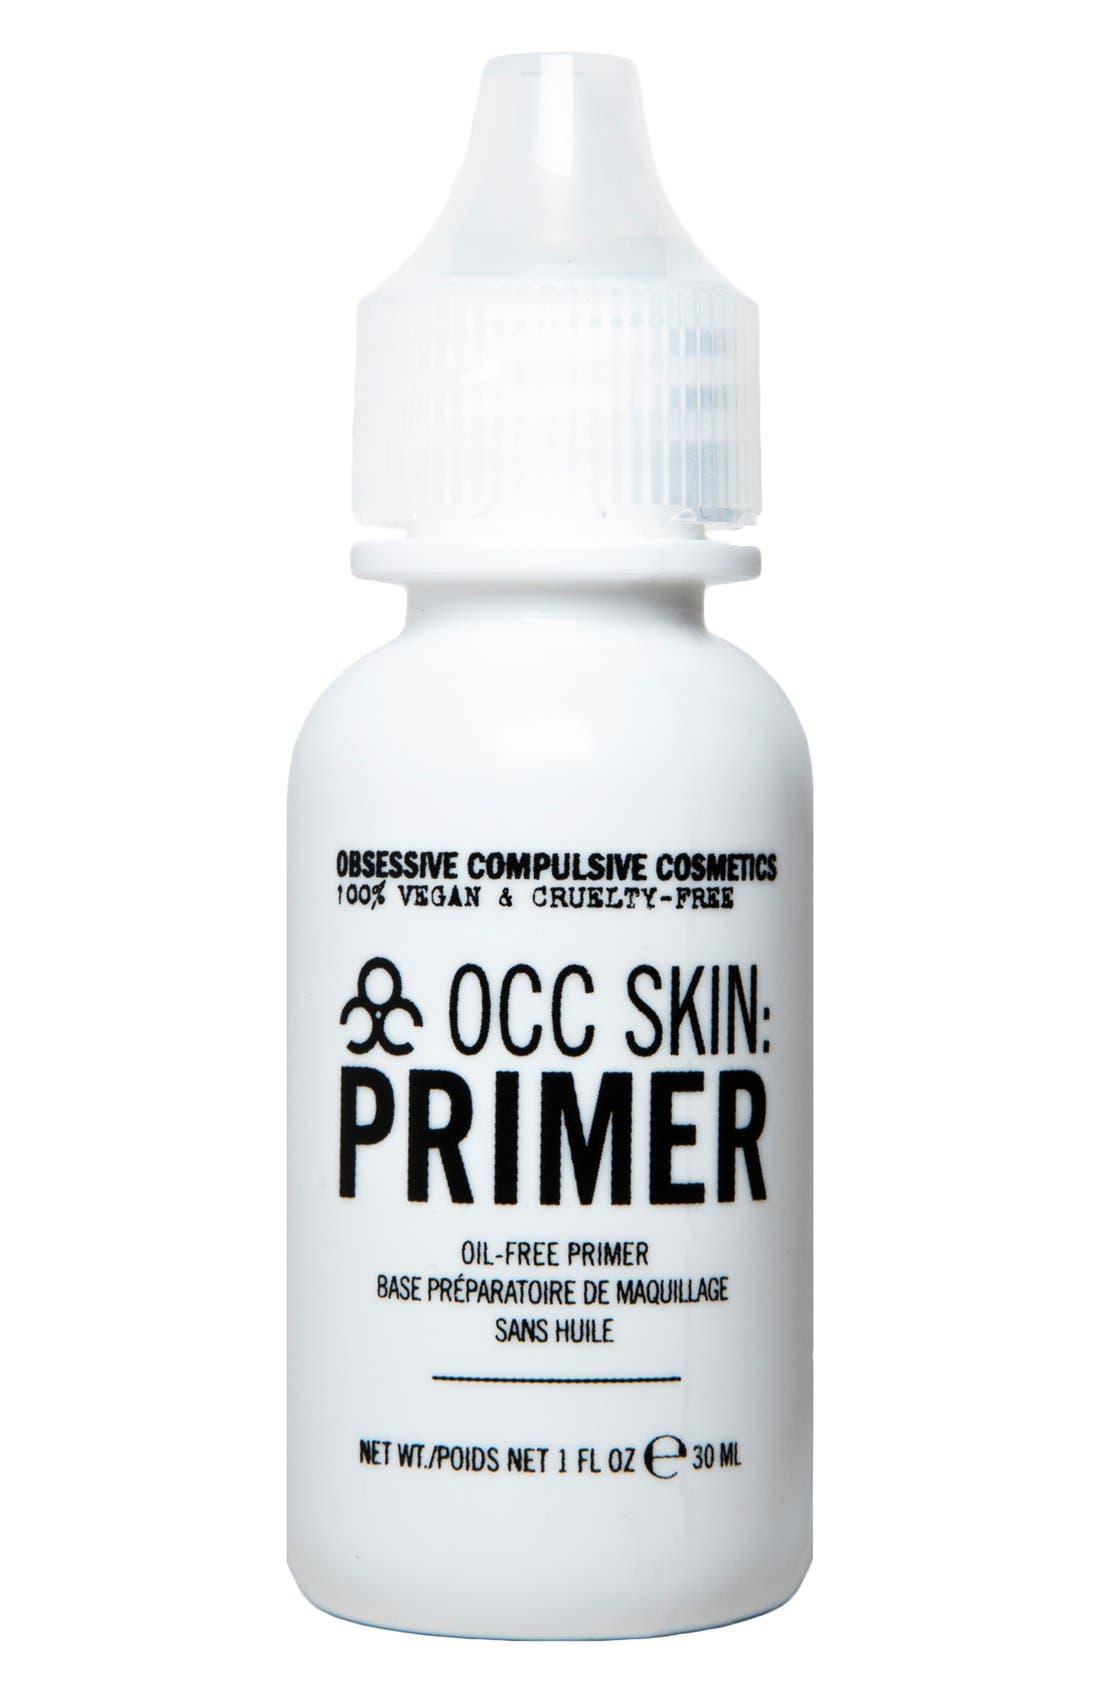 Obsessive Compulsive Cosmetics OCC Skin - Primer